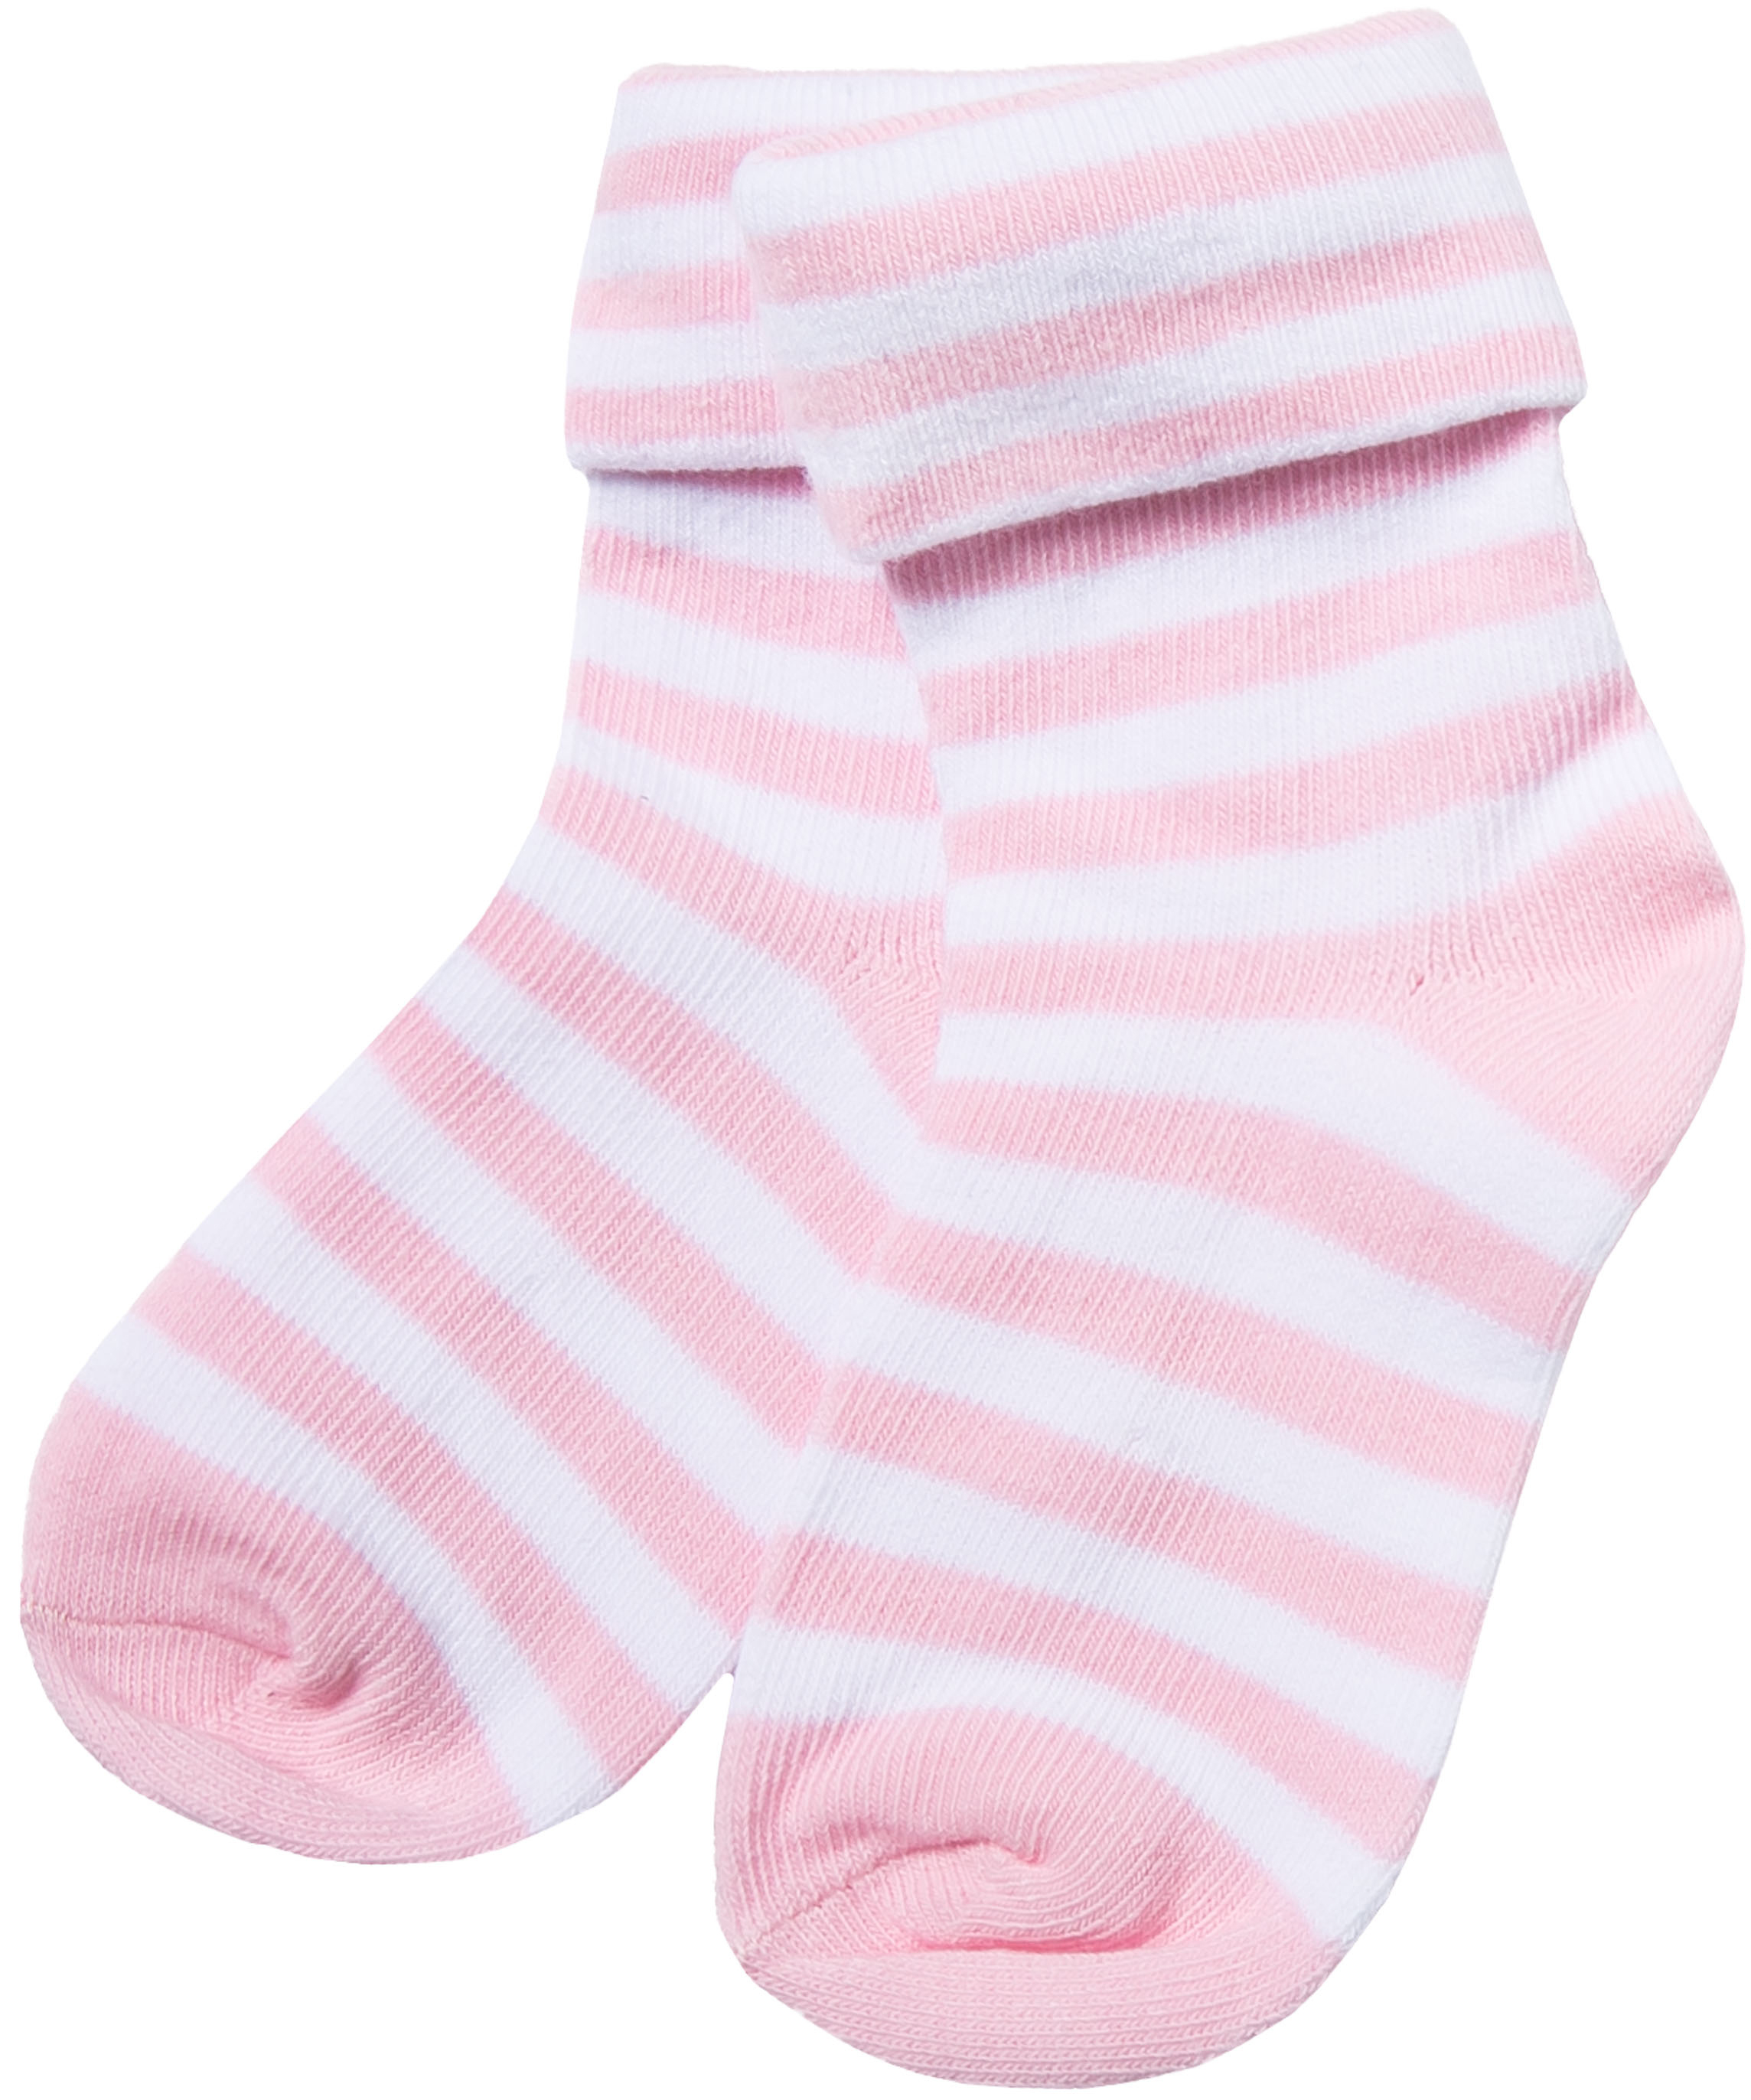 Купить Носки для девочки Barkito, розовые с рисунком в полоску, Китай, розовый с рисунком в полоску, Женский